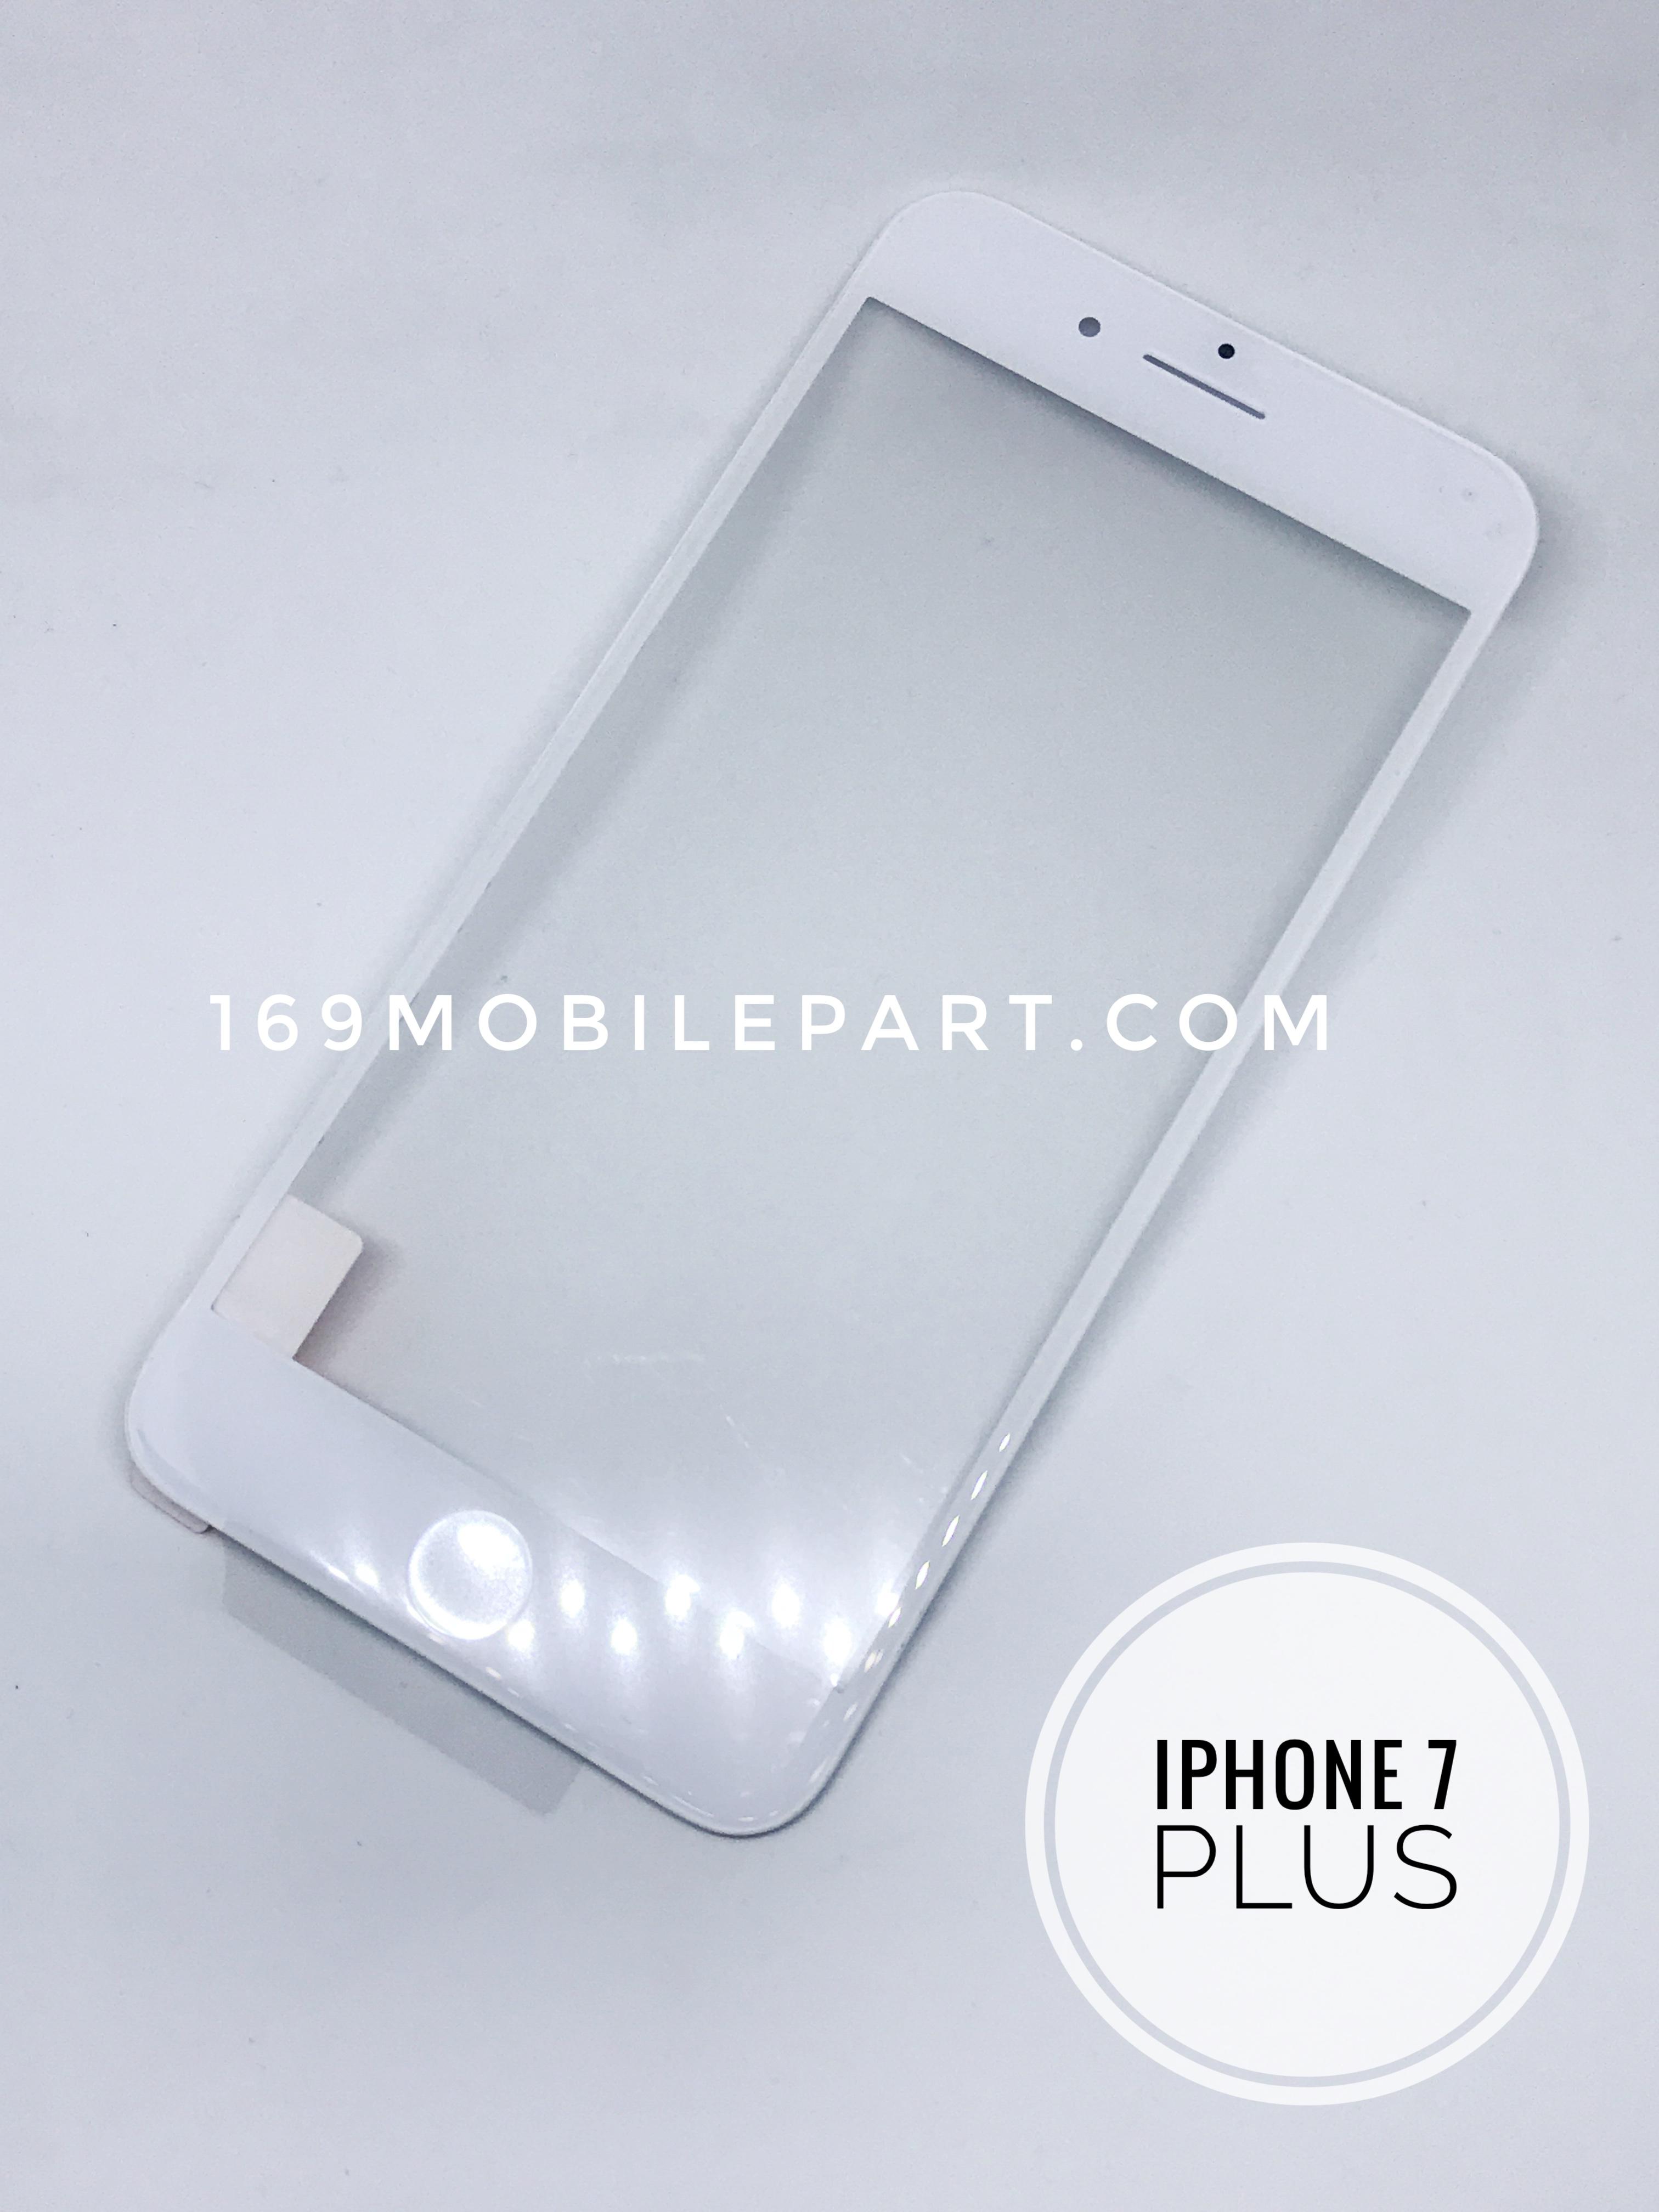 กระจก iPhone 7 Plus พร้อมขอบจอ + กาว OCA สีขาว